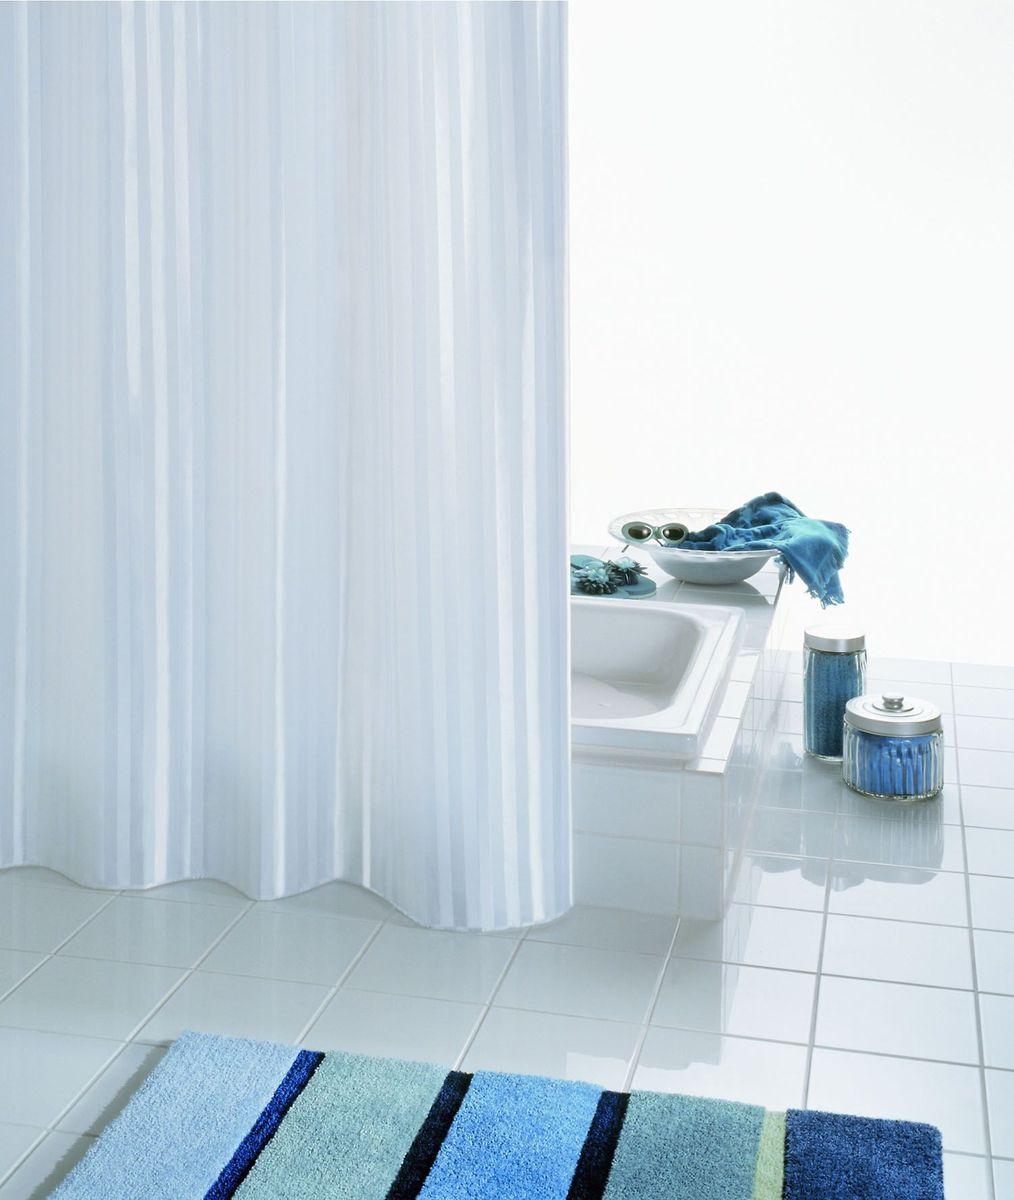 """Высококачественная немецкая шторка Ridder """"Satin"""" создаст прекрасное настроение в ванной комнате. Данное изделие имеет антигрибковое, водоотталкивающее и антистатическое покрытие и утяжеленный нижний кант. Машинная стирка. Глажка при низкой температуре."""